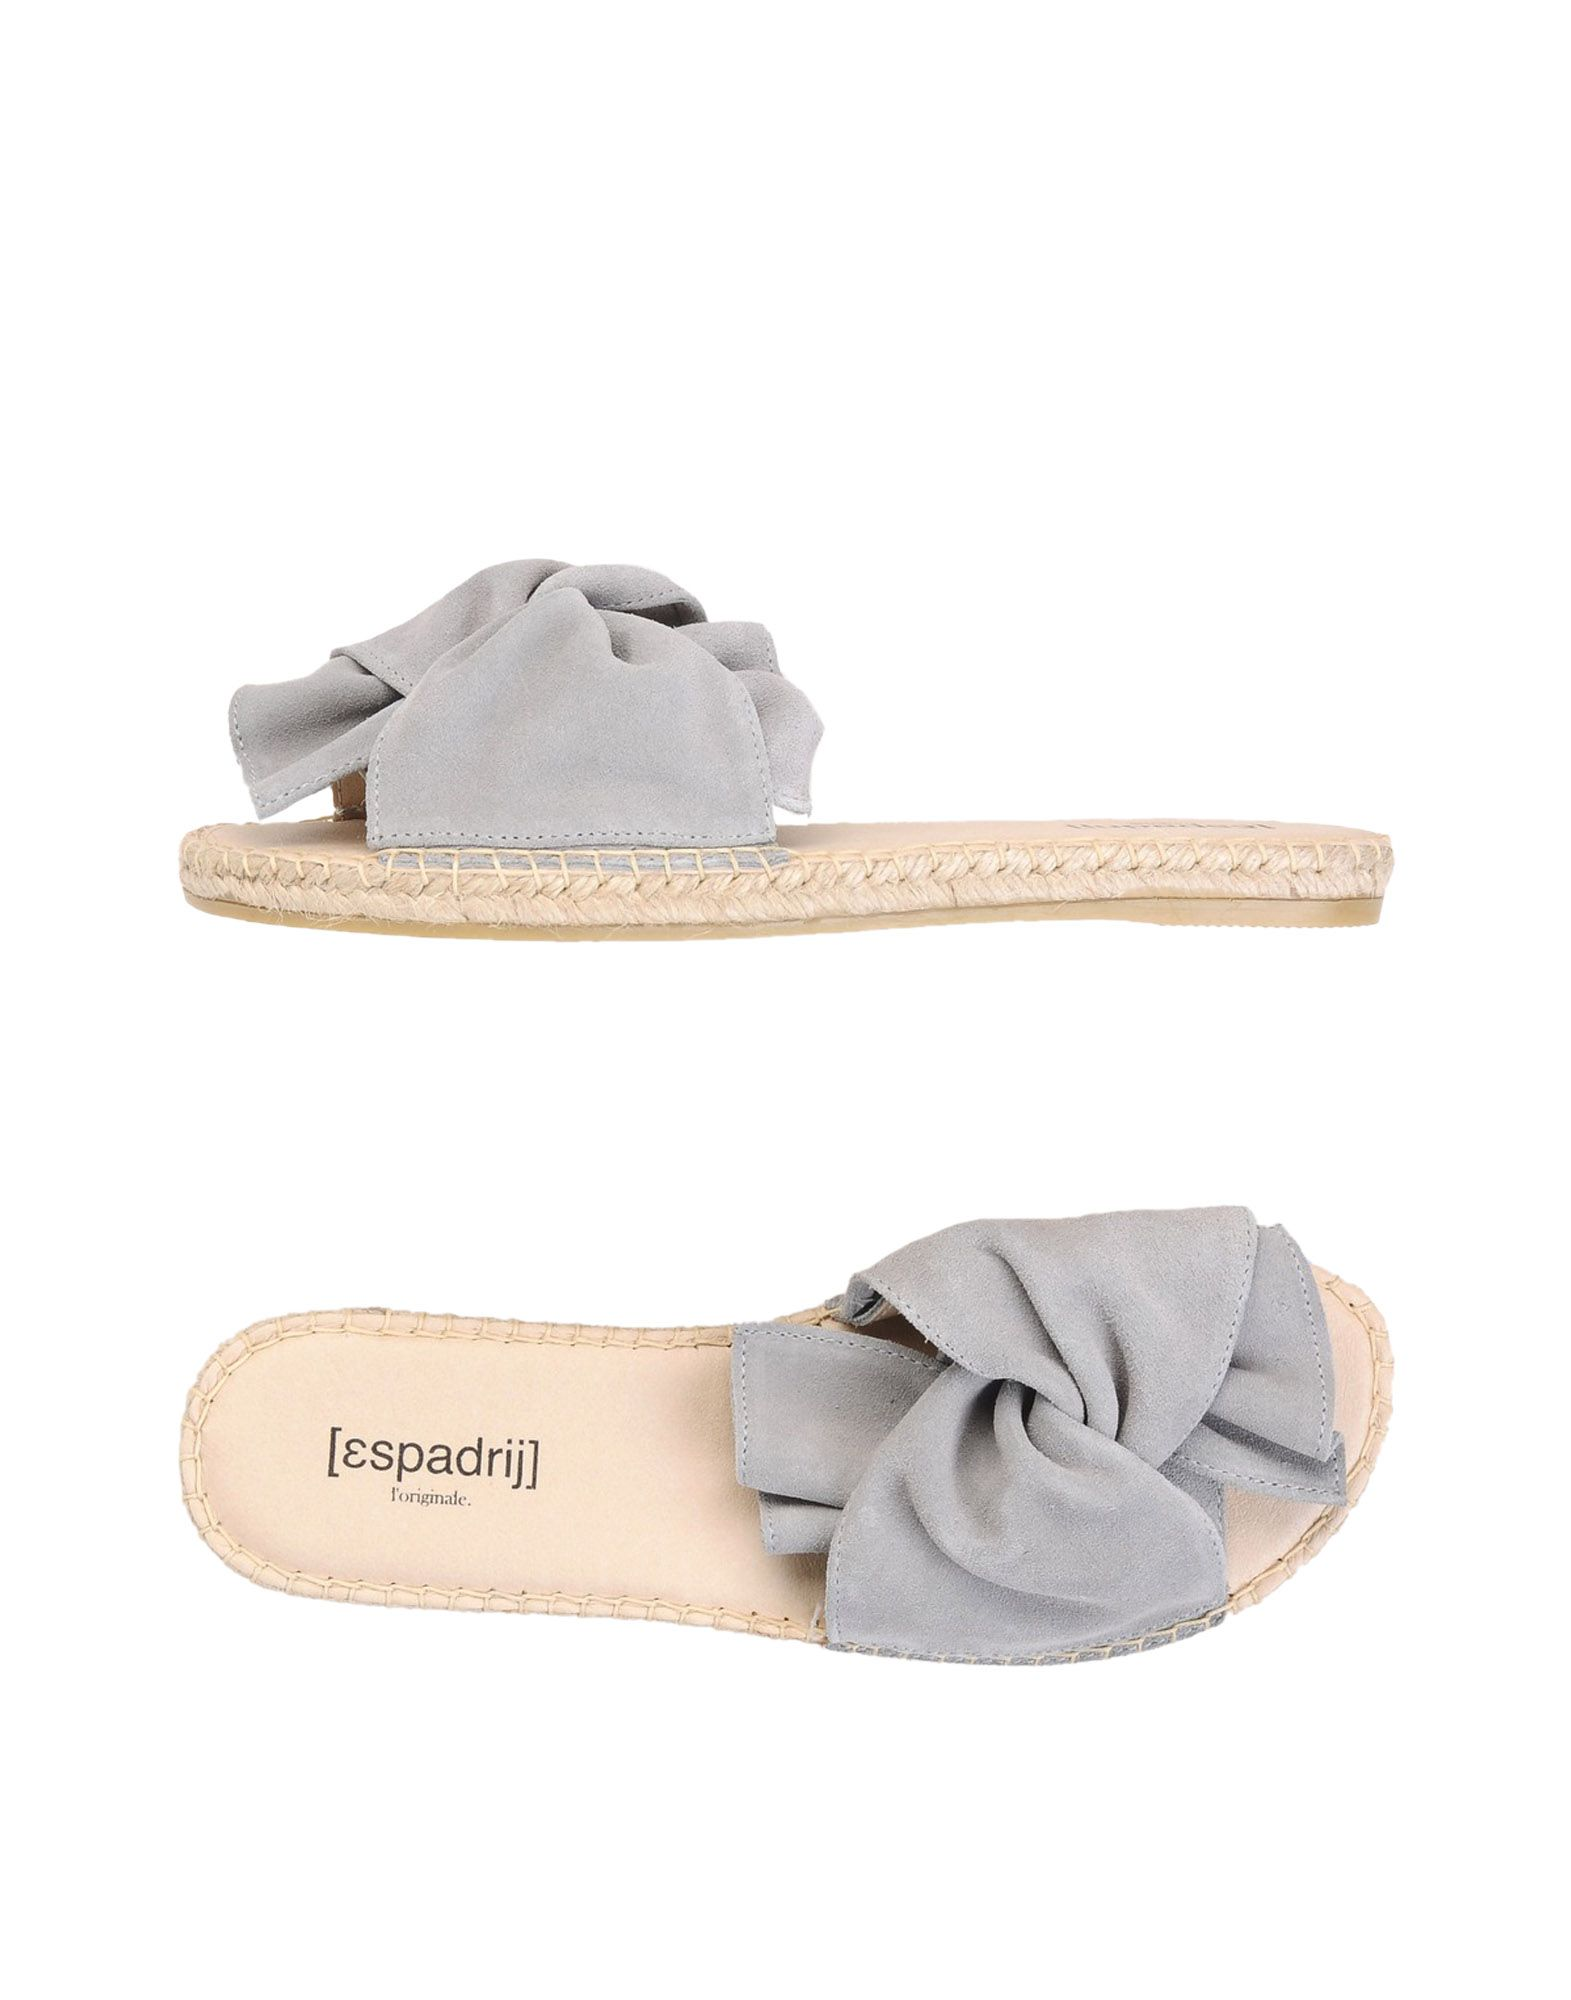 [Espadrij] Plage Boucle Velour  11454301QF Gute Qualität beliebte Schuhe